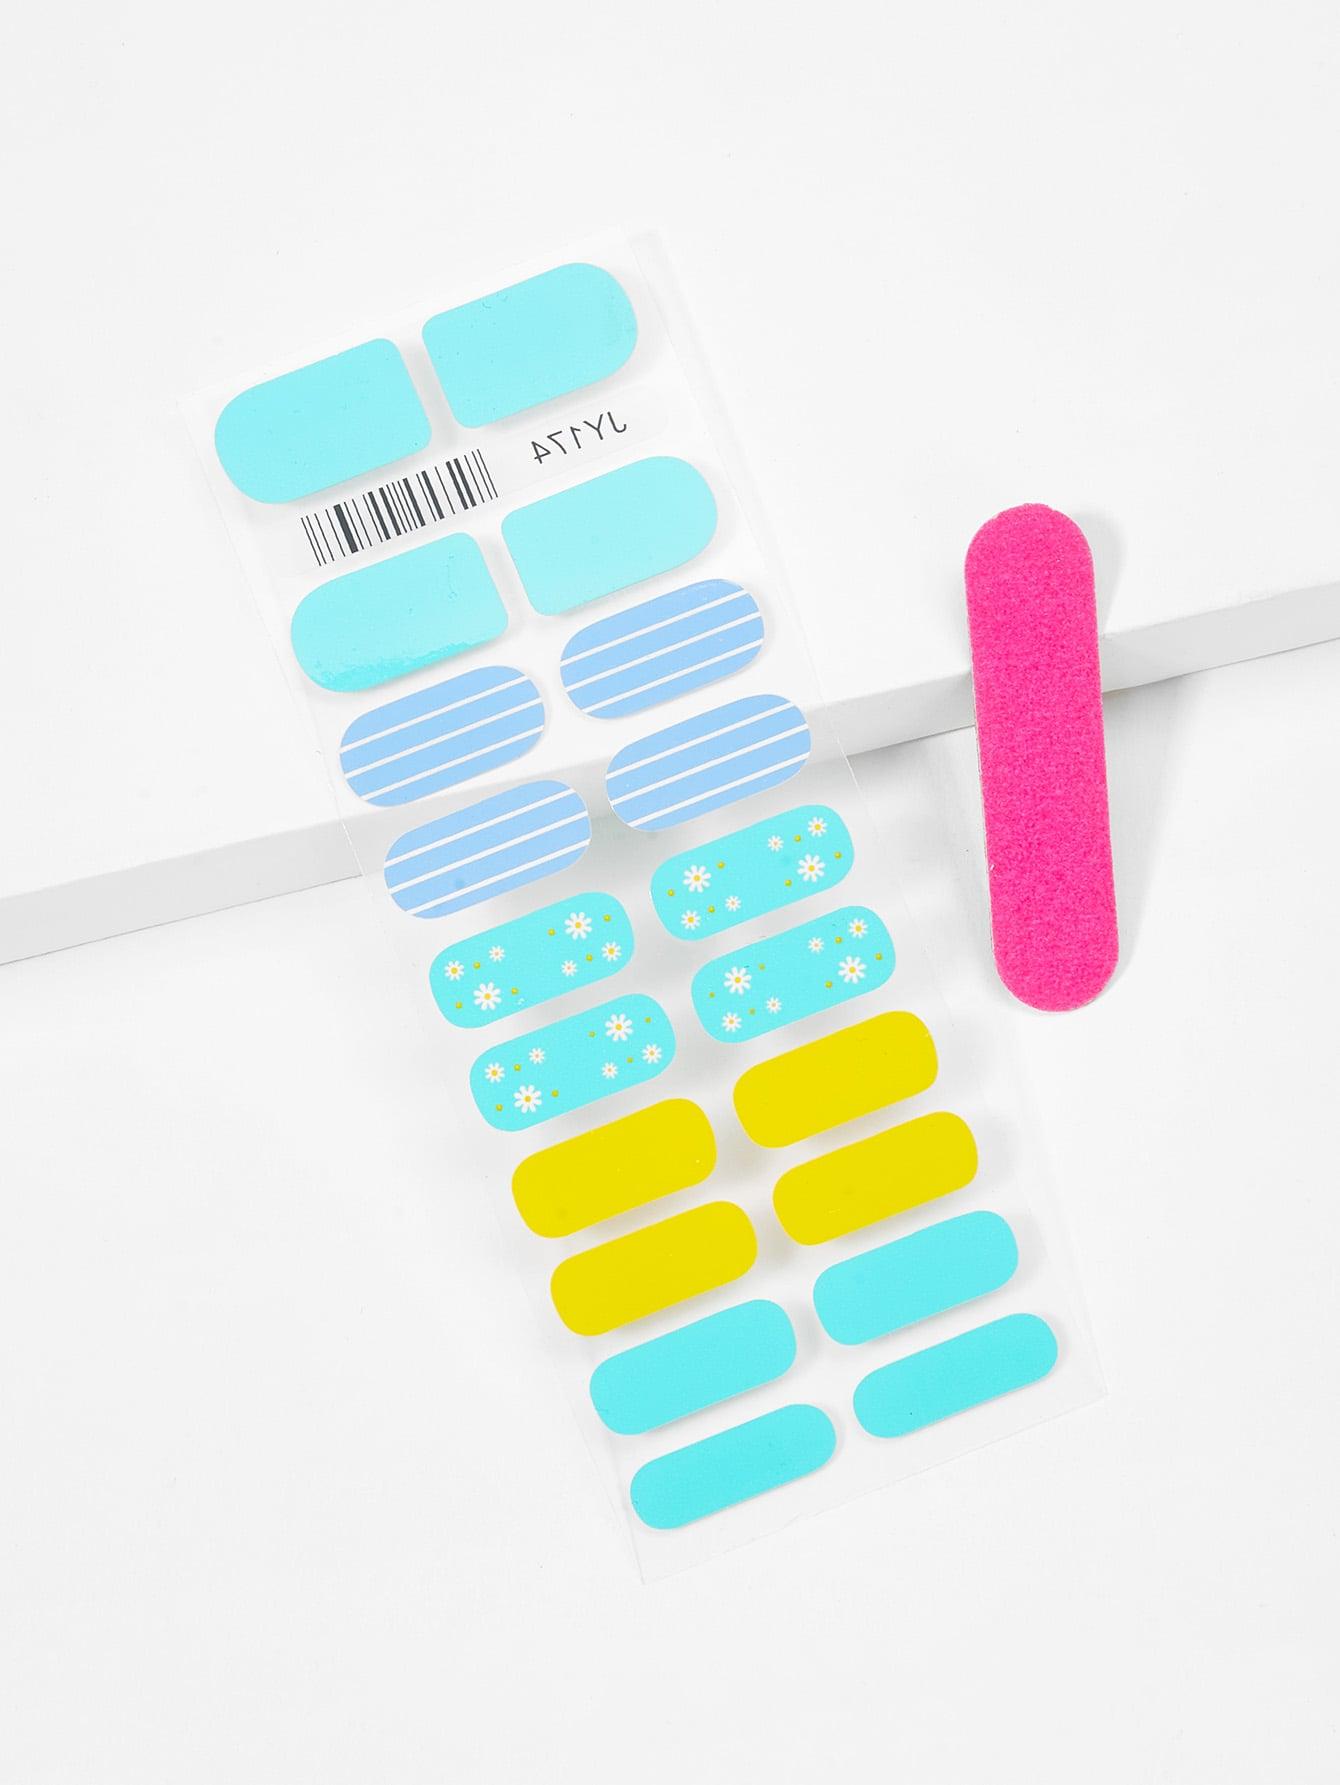 Ситцевая наклейка для ногтей и пилочка для ногтей, null, SheIn  - купить со скидкой